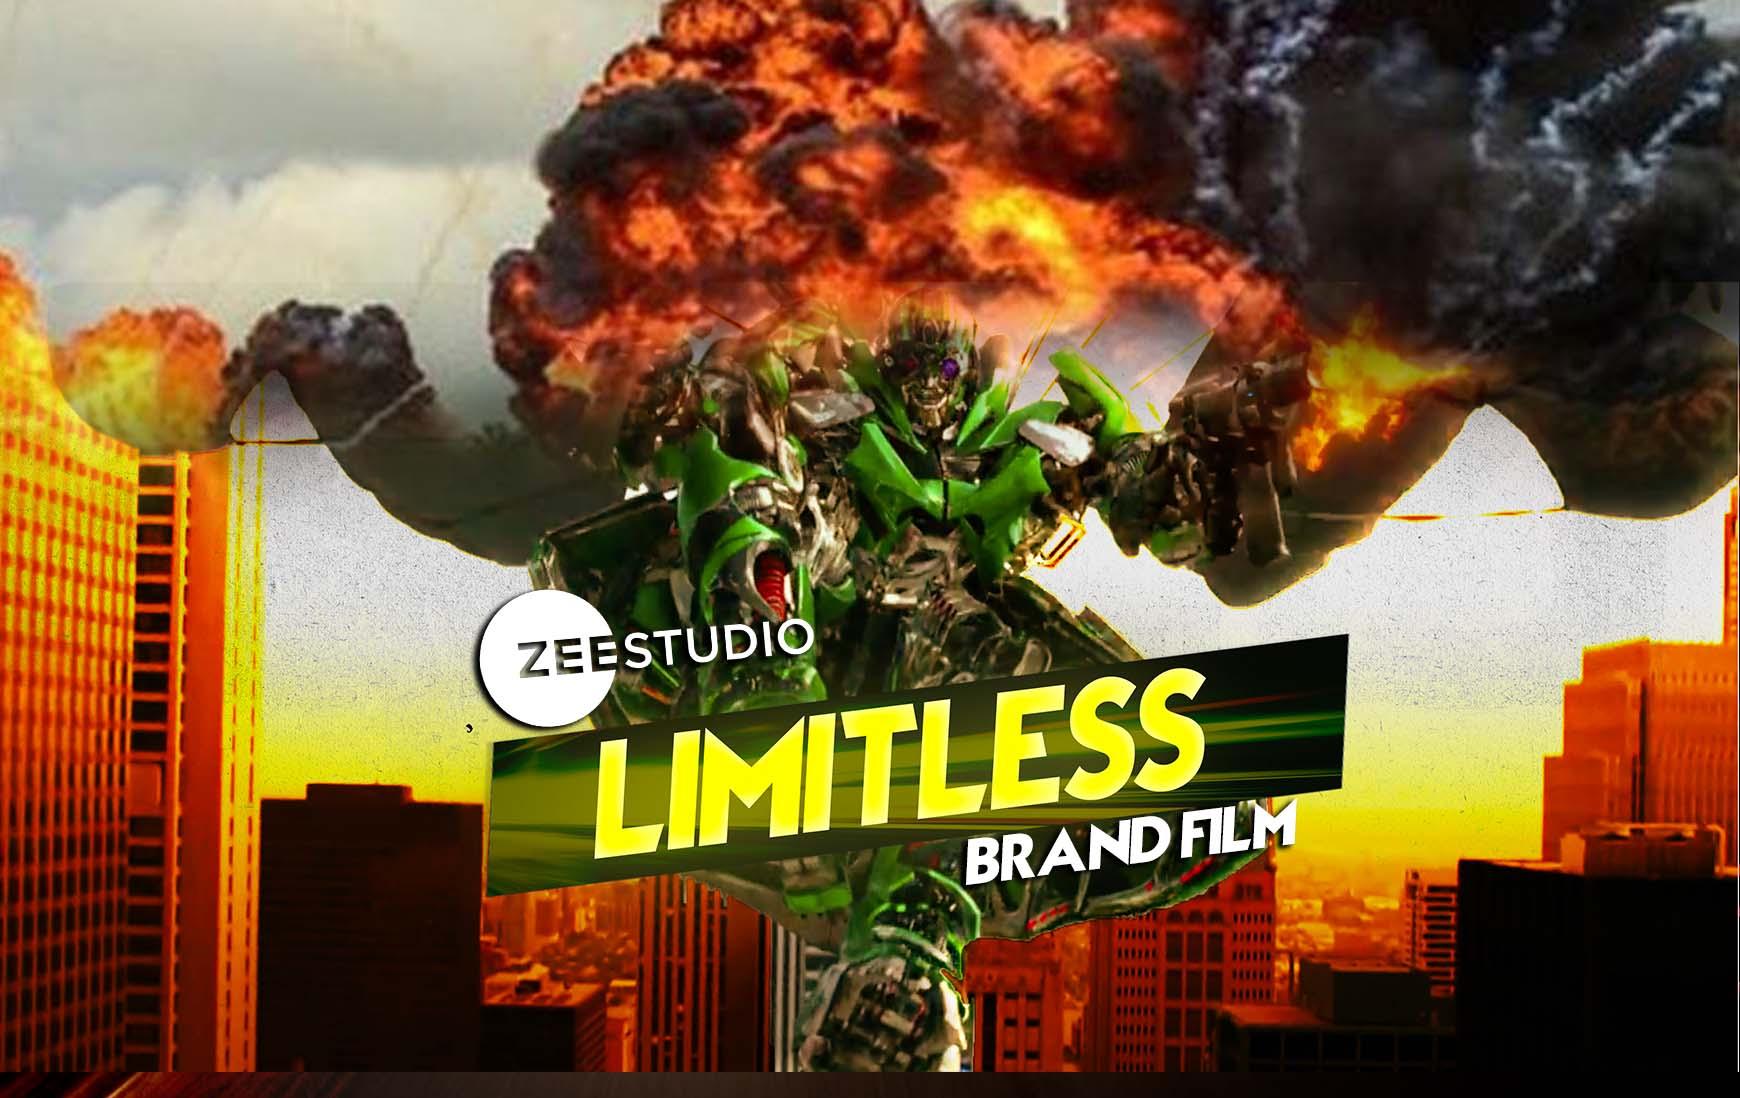 Zee Studio Brand film